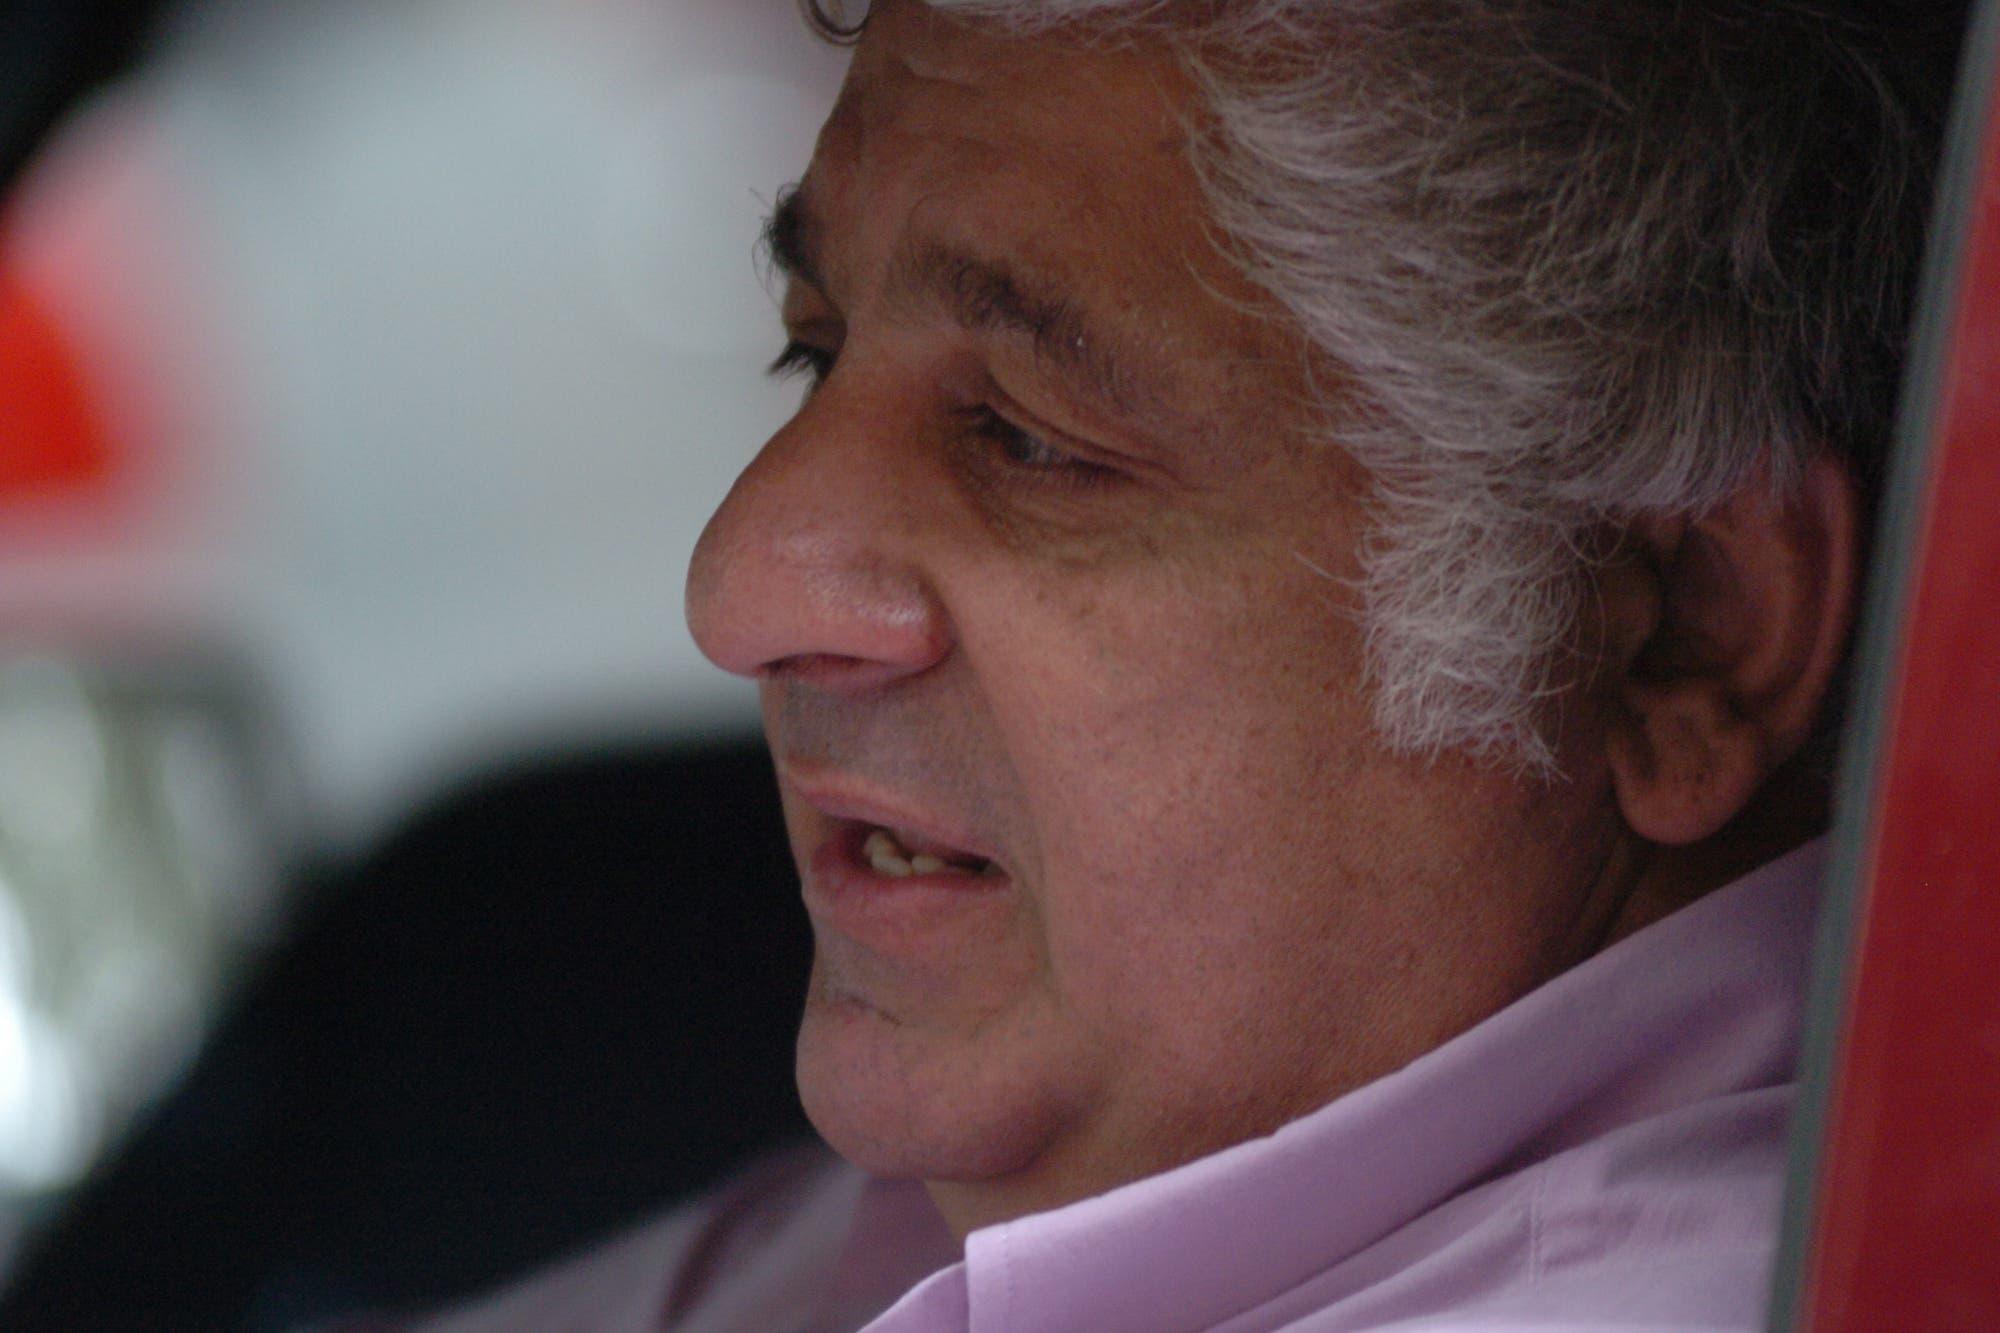 Tras el pedido de detención, Samid no se entrega y responde con denuncias